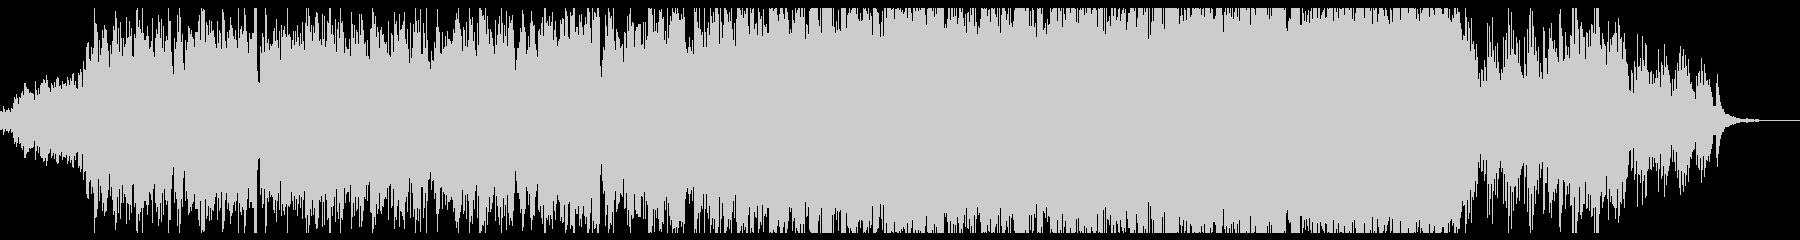 現代的 交響曲 アンビエント アク...の未再生の波形